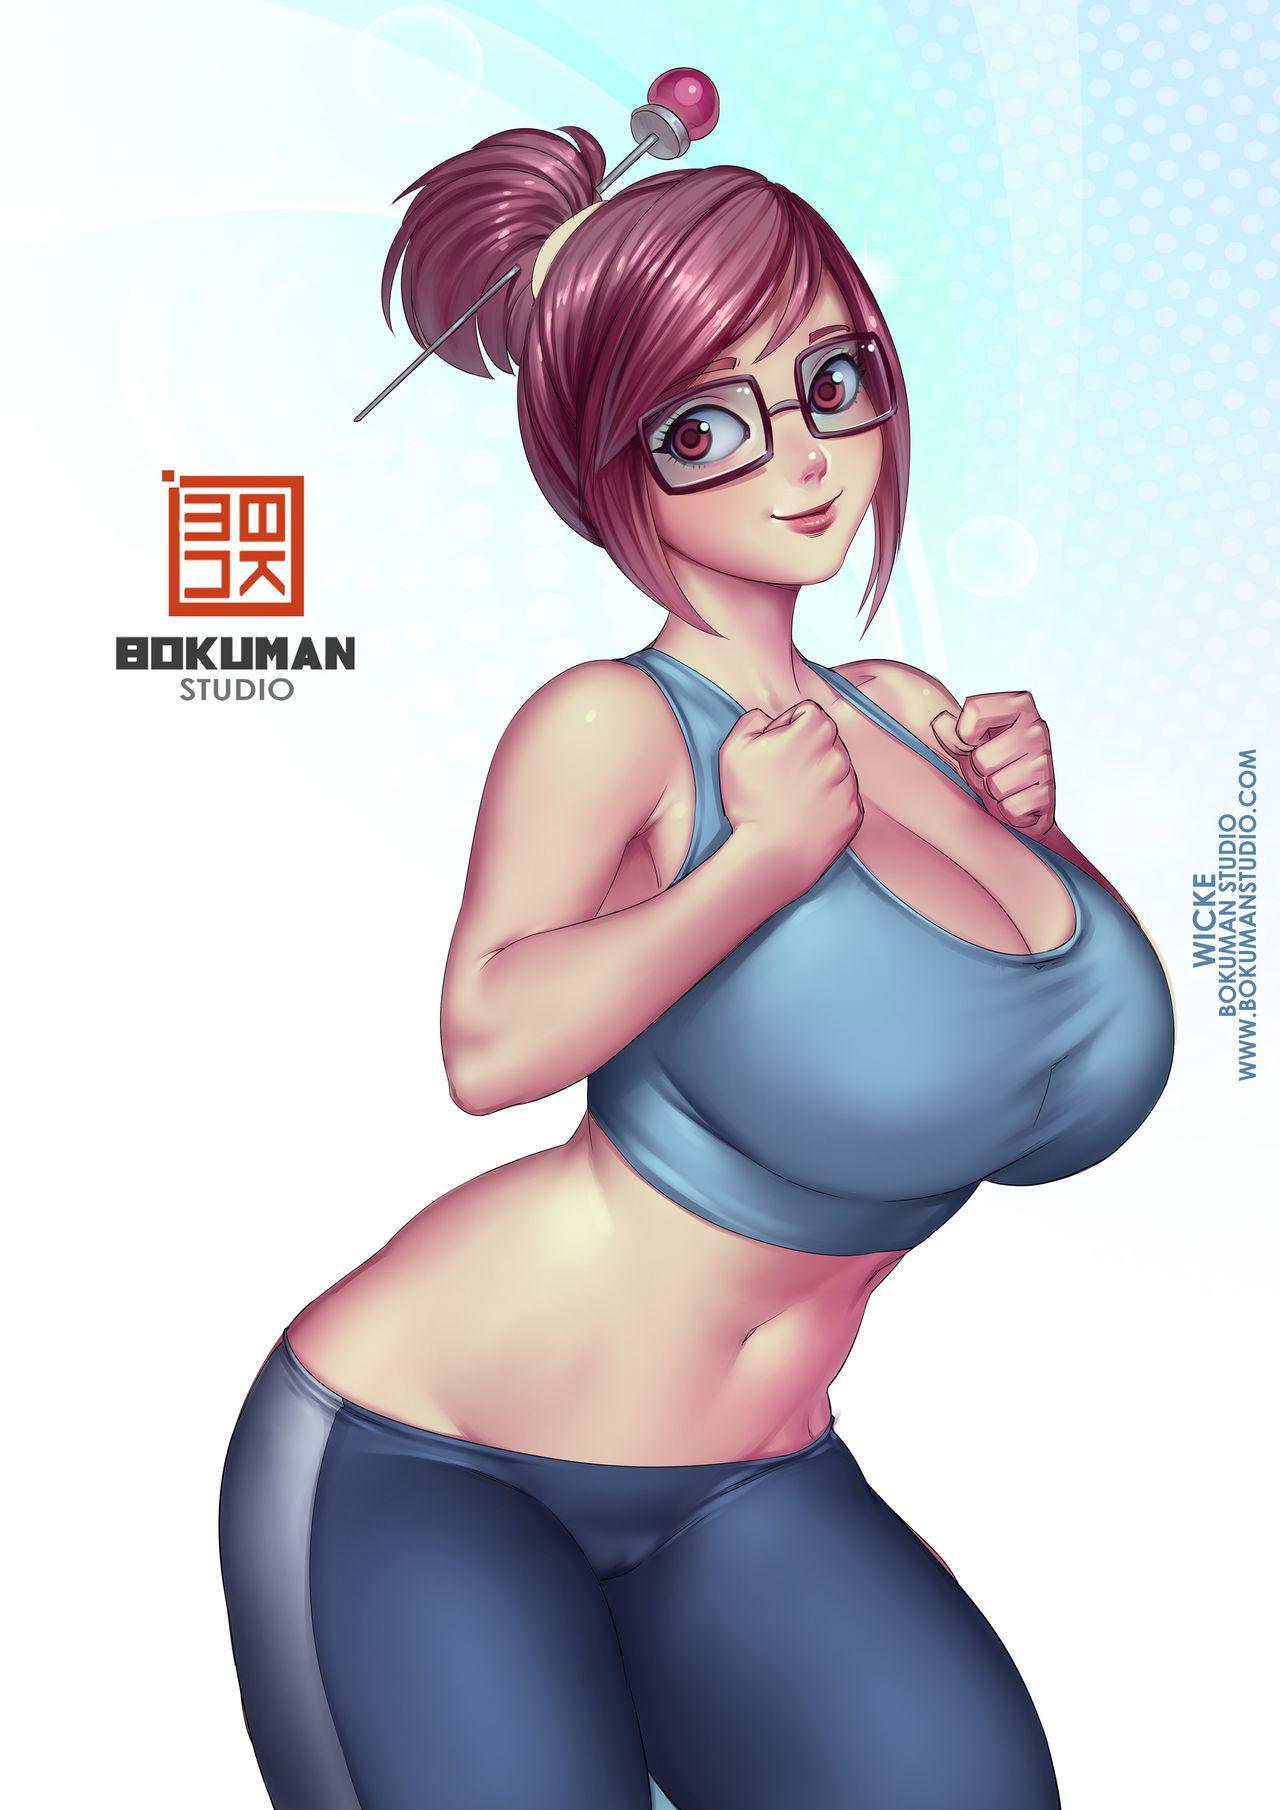 Bokuman - part 6